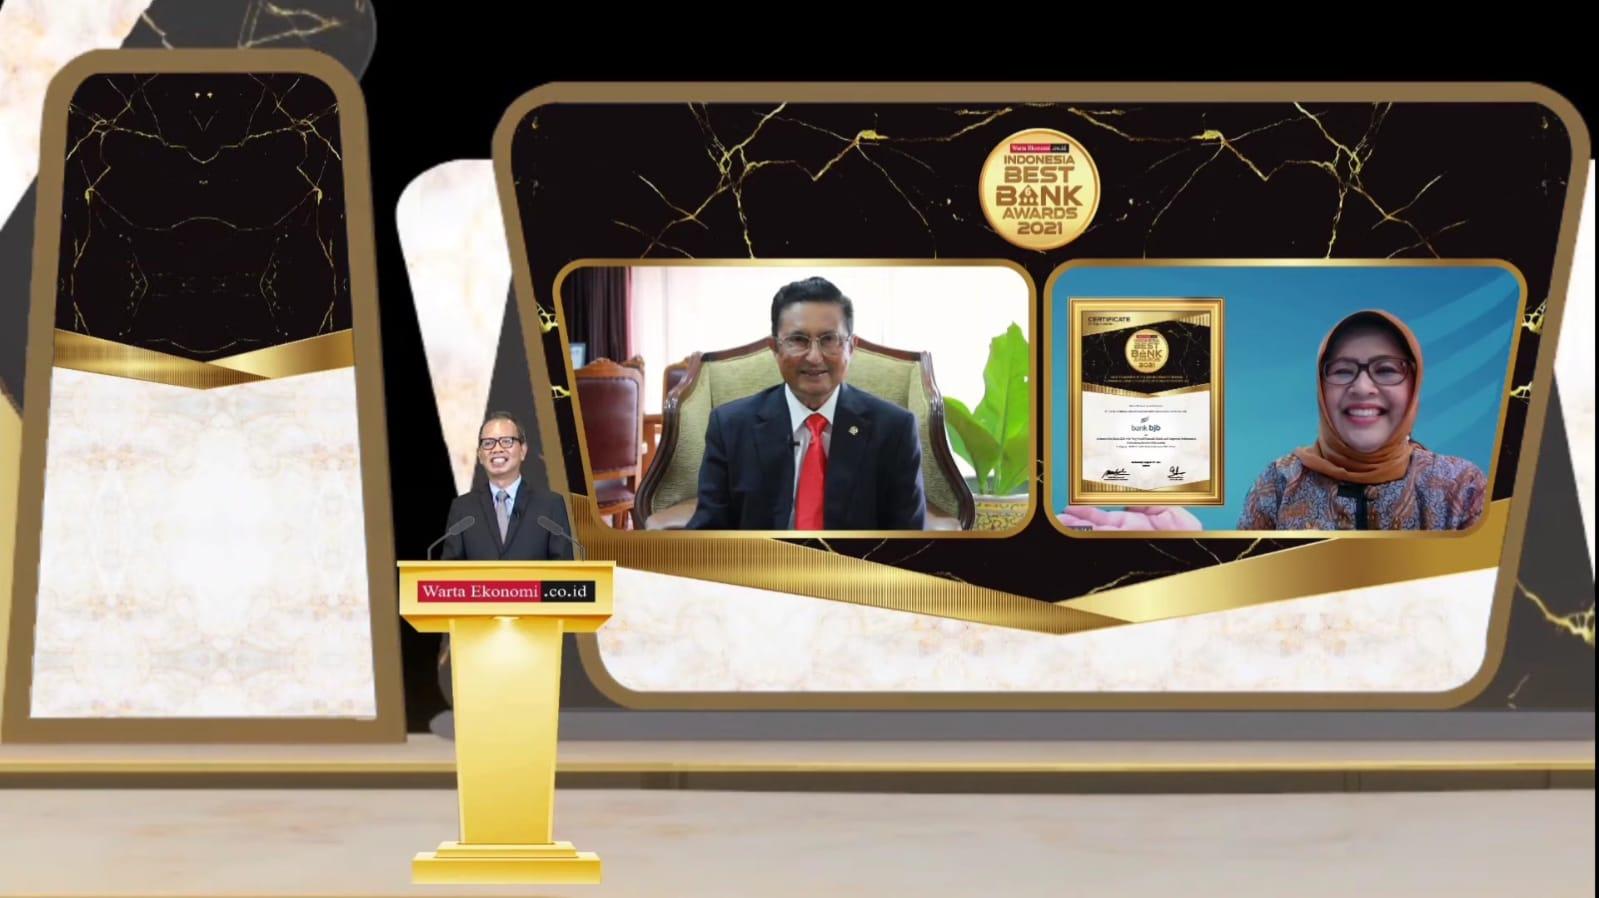 Bank BJB Kembali Raih Penghargaan sebagai Bank Terbaik di Indonesia 2021